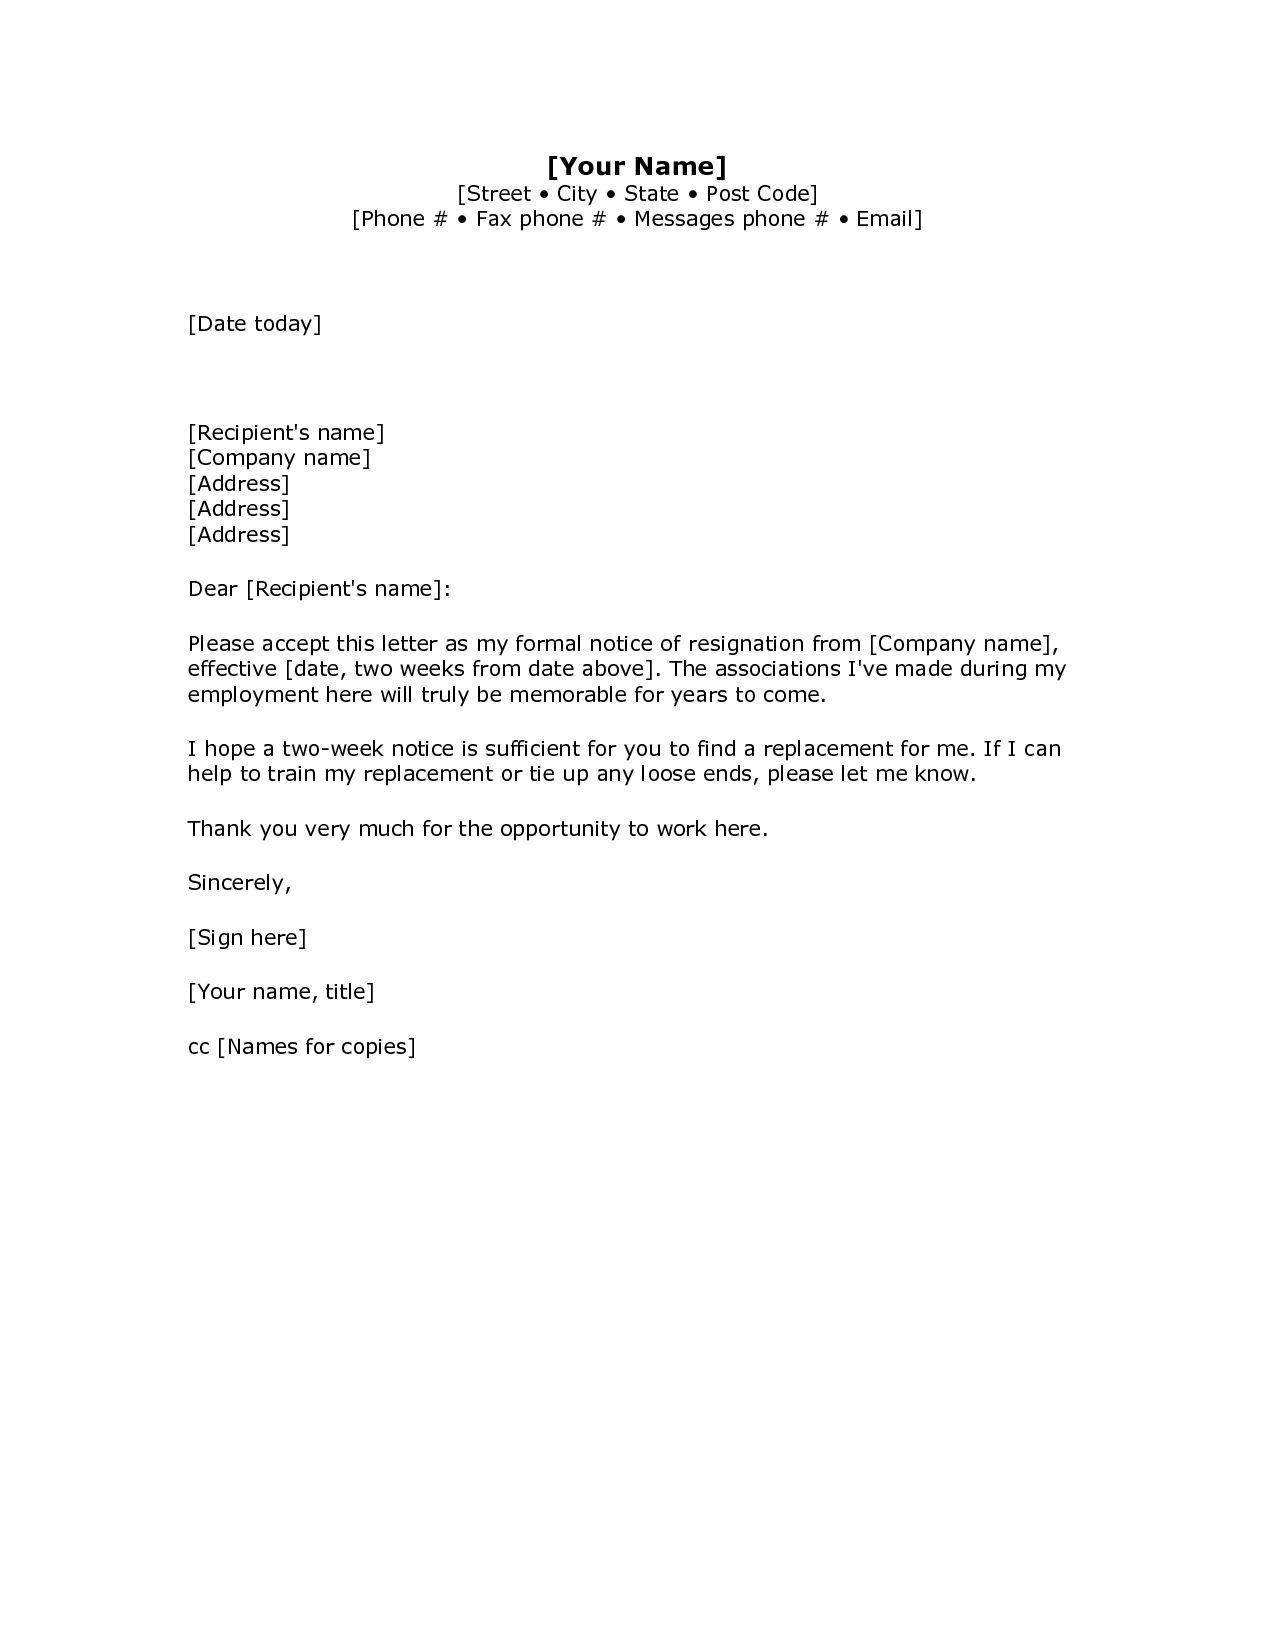 2 Weeks Notice Letter Resignation Letter Week Notice Words For Two Week Notice Template Word Resignation Letter Sample Letter Template Word Resignation Letter